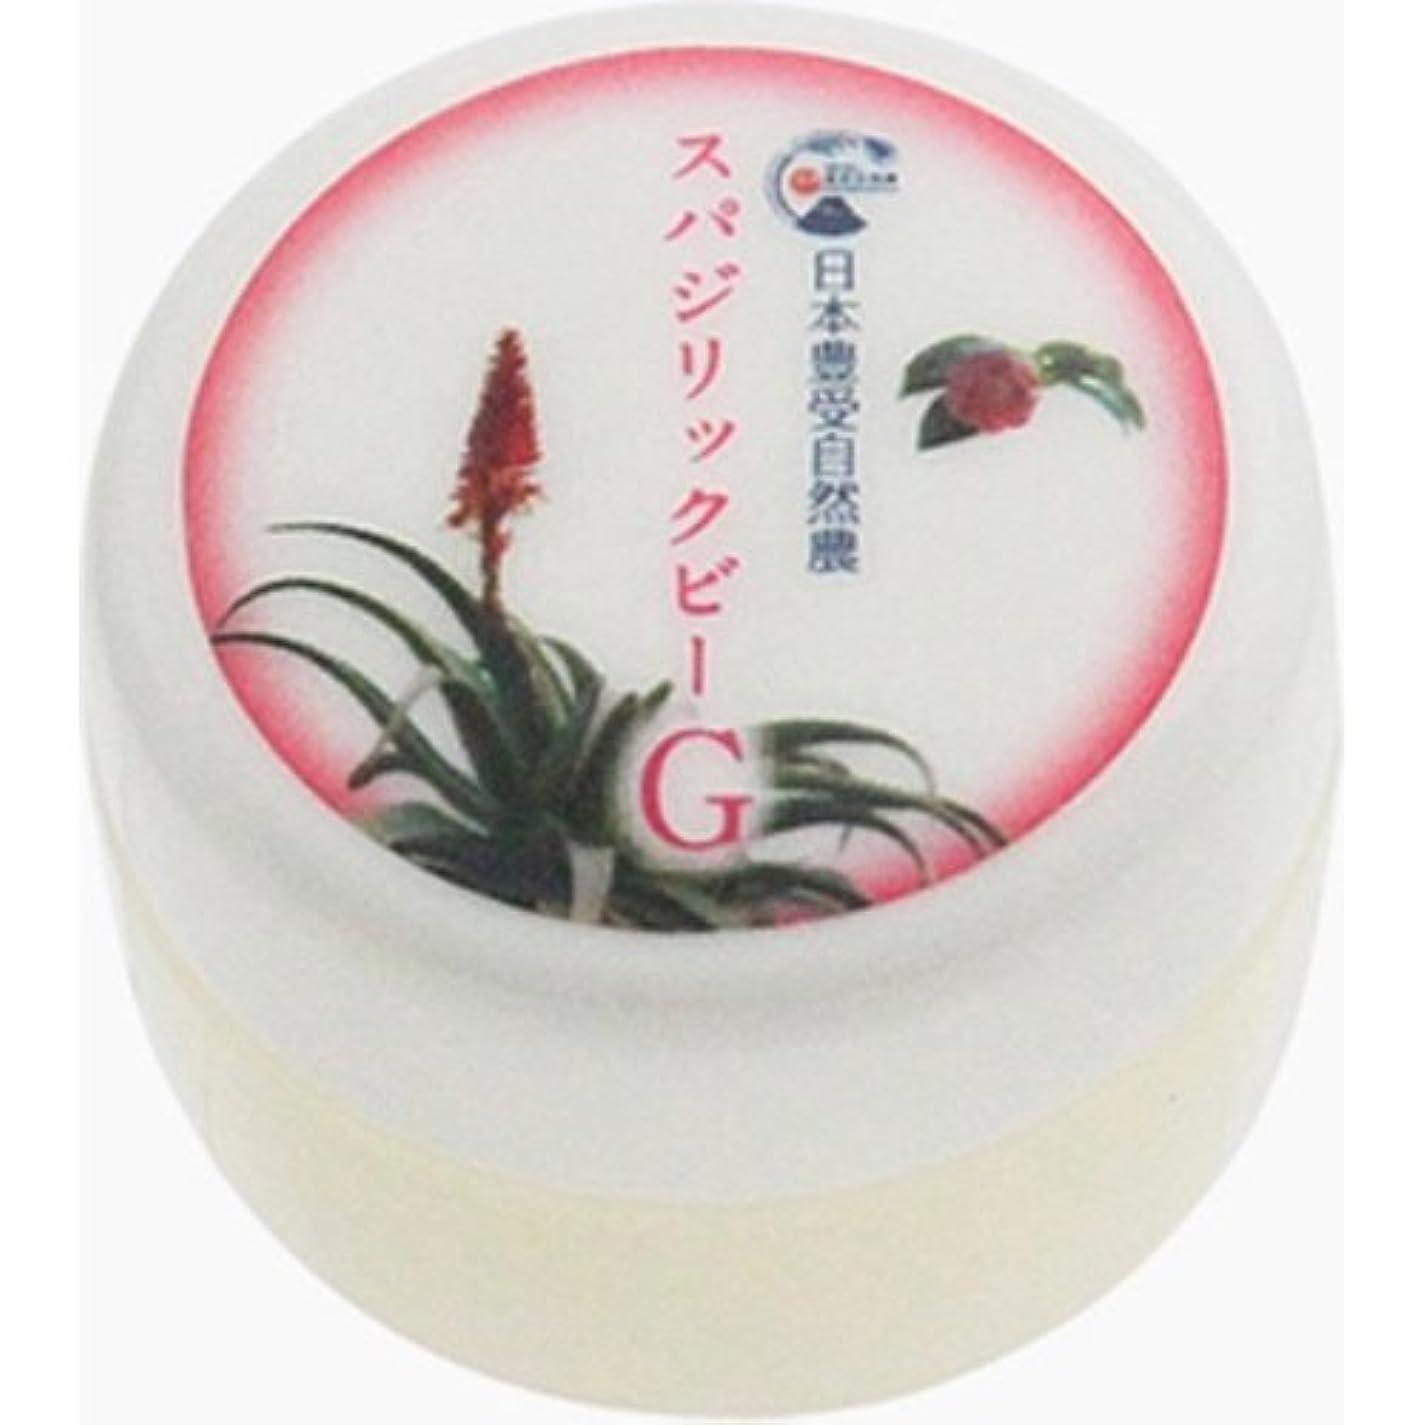 パパヒール哀れな日本豊受自然農 スパジリック ビーG(大) 45g